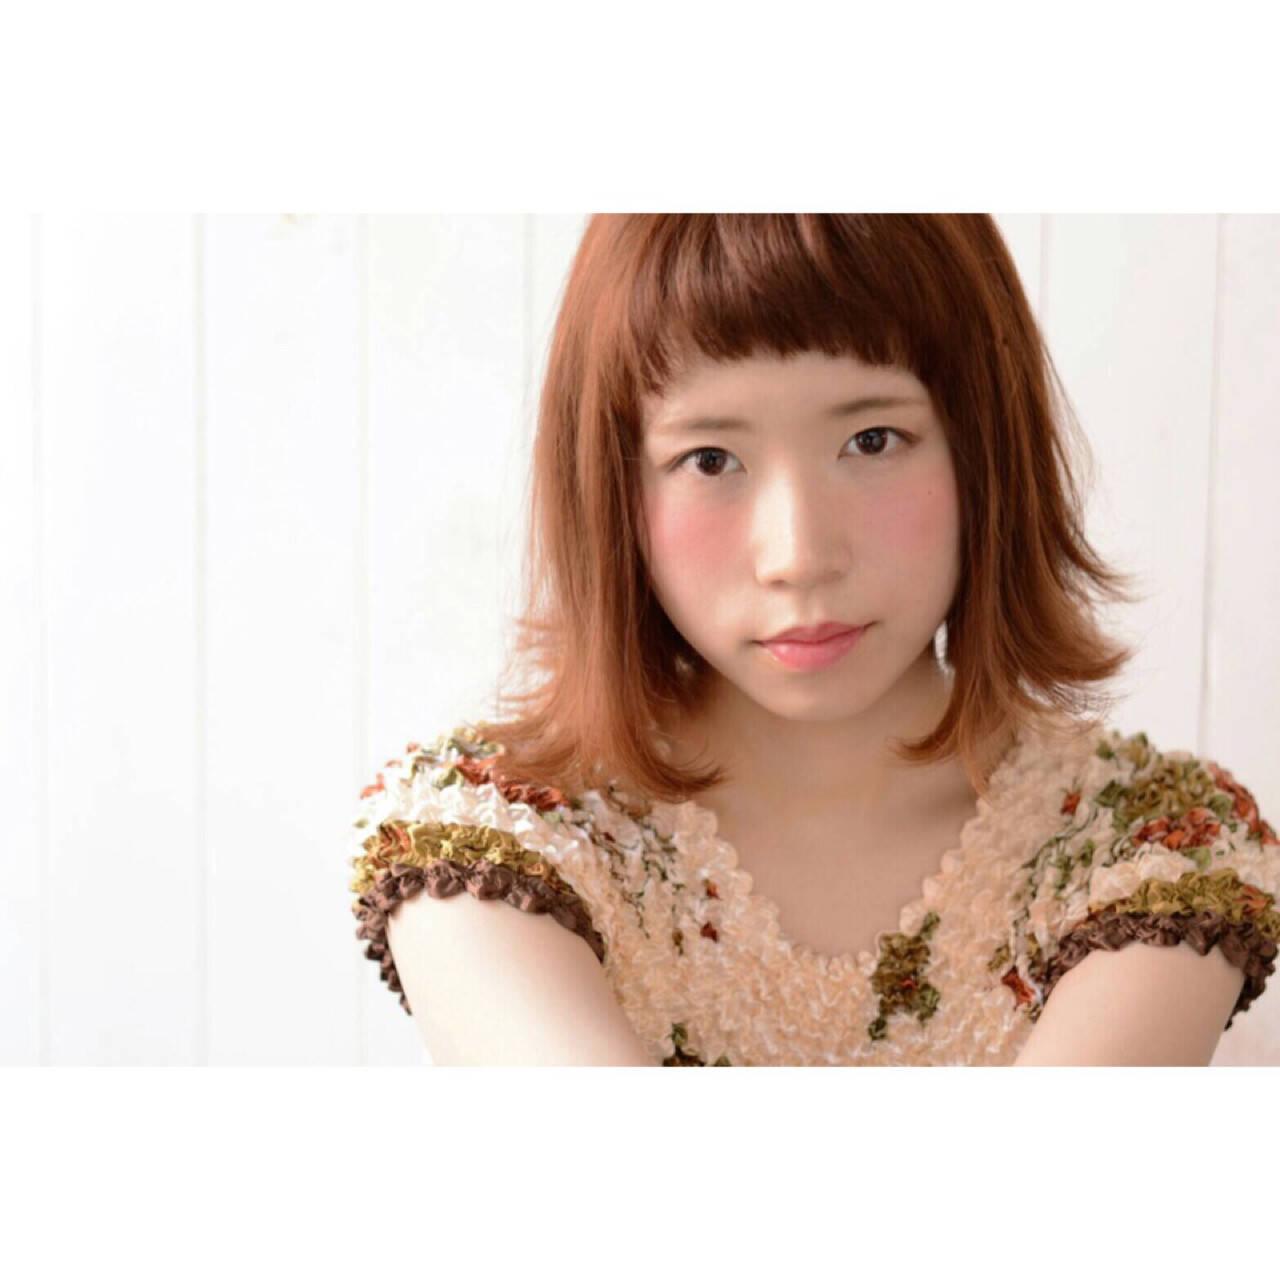 ワイドバング アプリコットオレンジ ショートバング ガーリーヘアスタイルや髪型の写真・画像